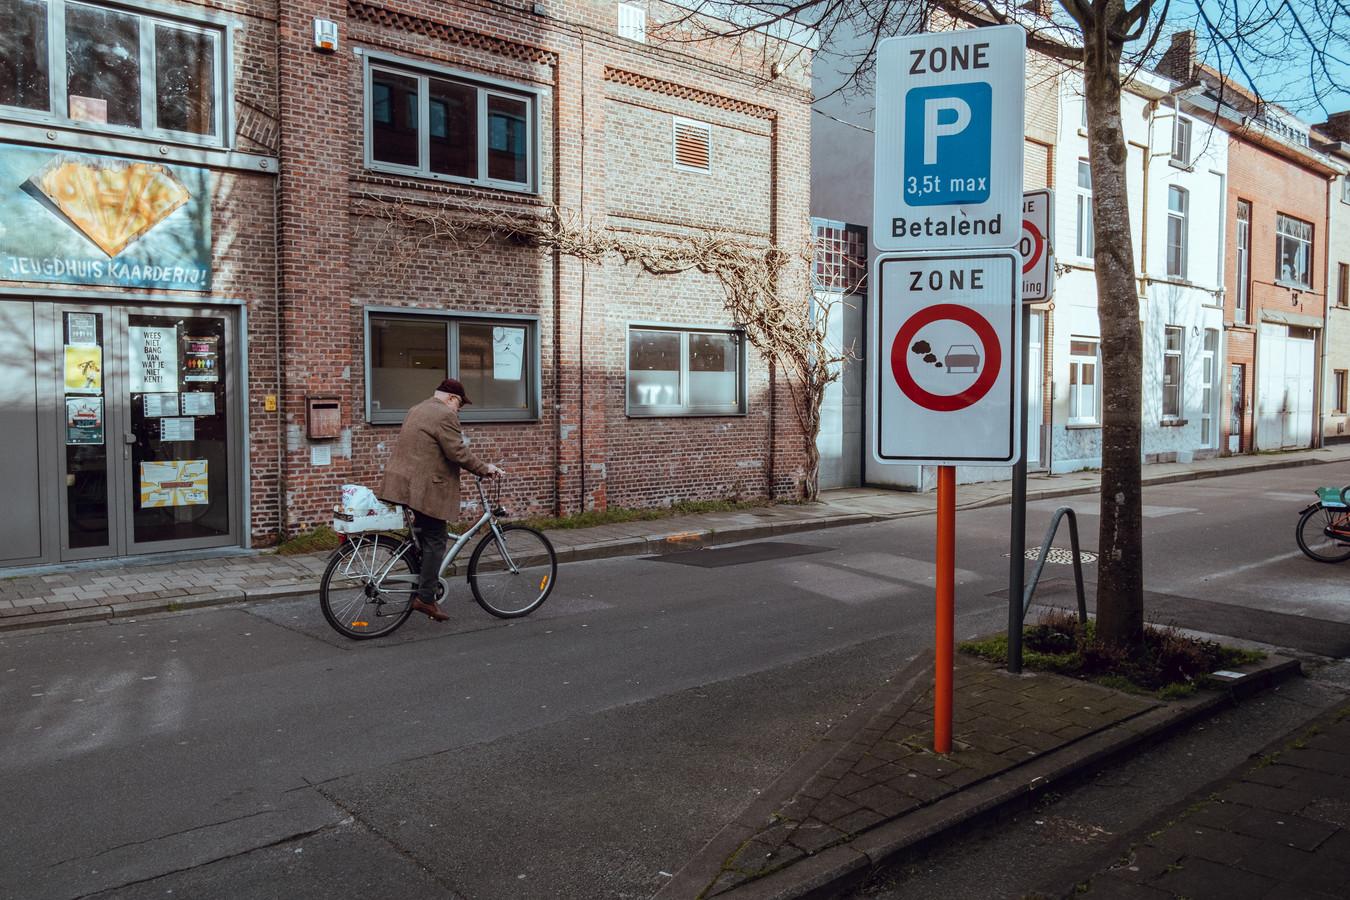 Een verkeersbord duidt de lage-emissiezone aan in Gent. Daarmee probeert het stadsbestuur de luchtkwaliteit in het stadscentrum te verbeteren.